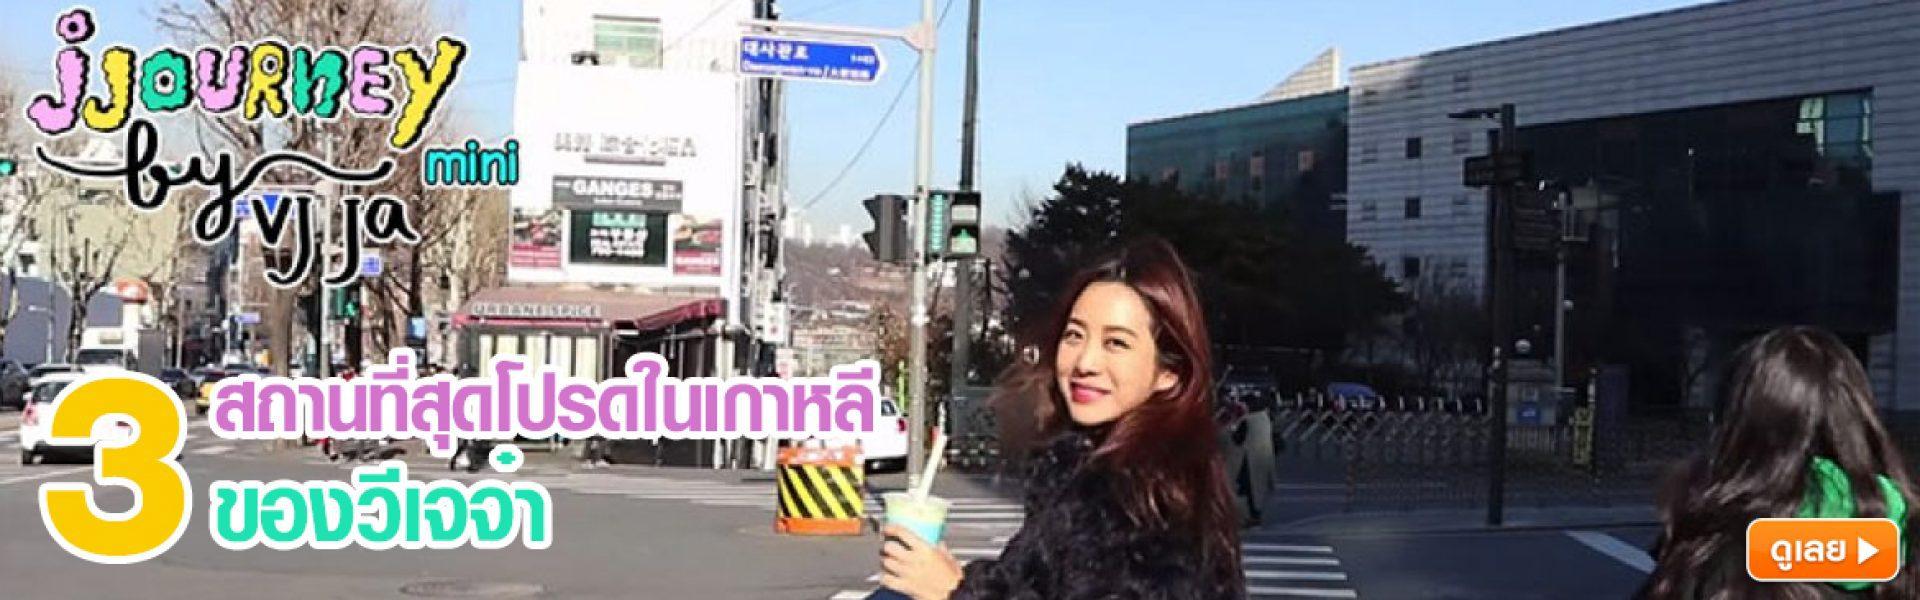 3 สถานที่สุดโปรดในเกาหลี ของวีเจจ๋า